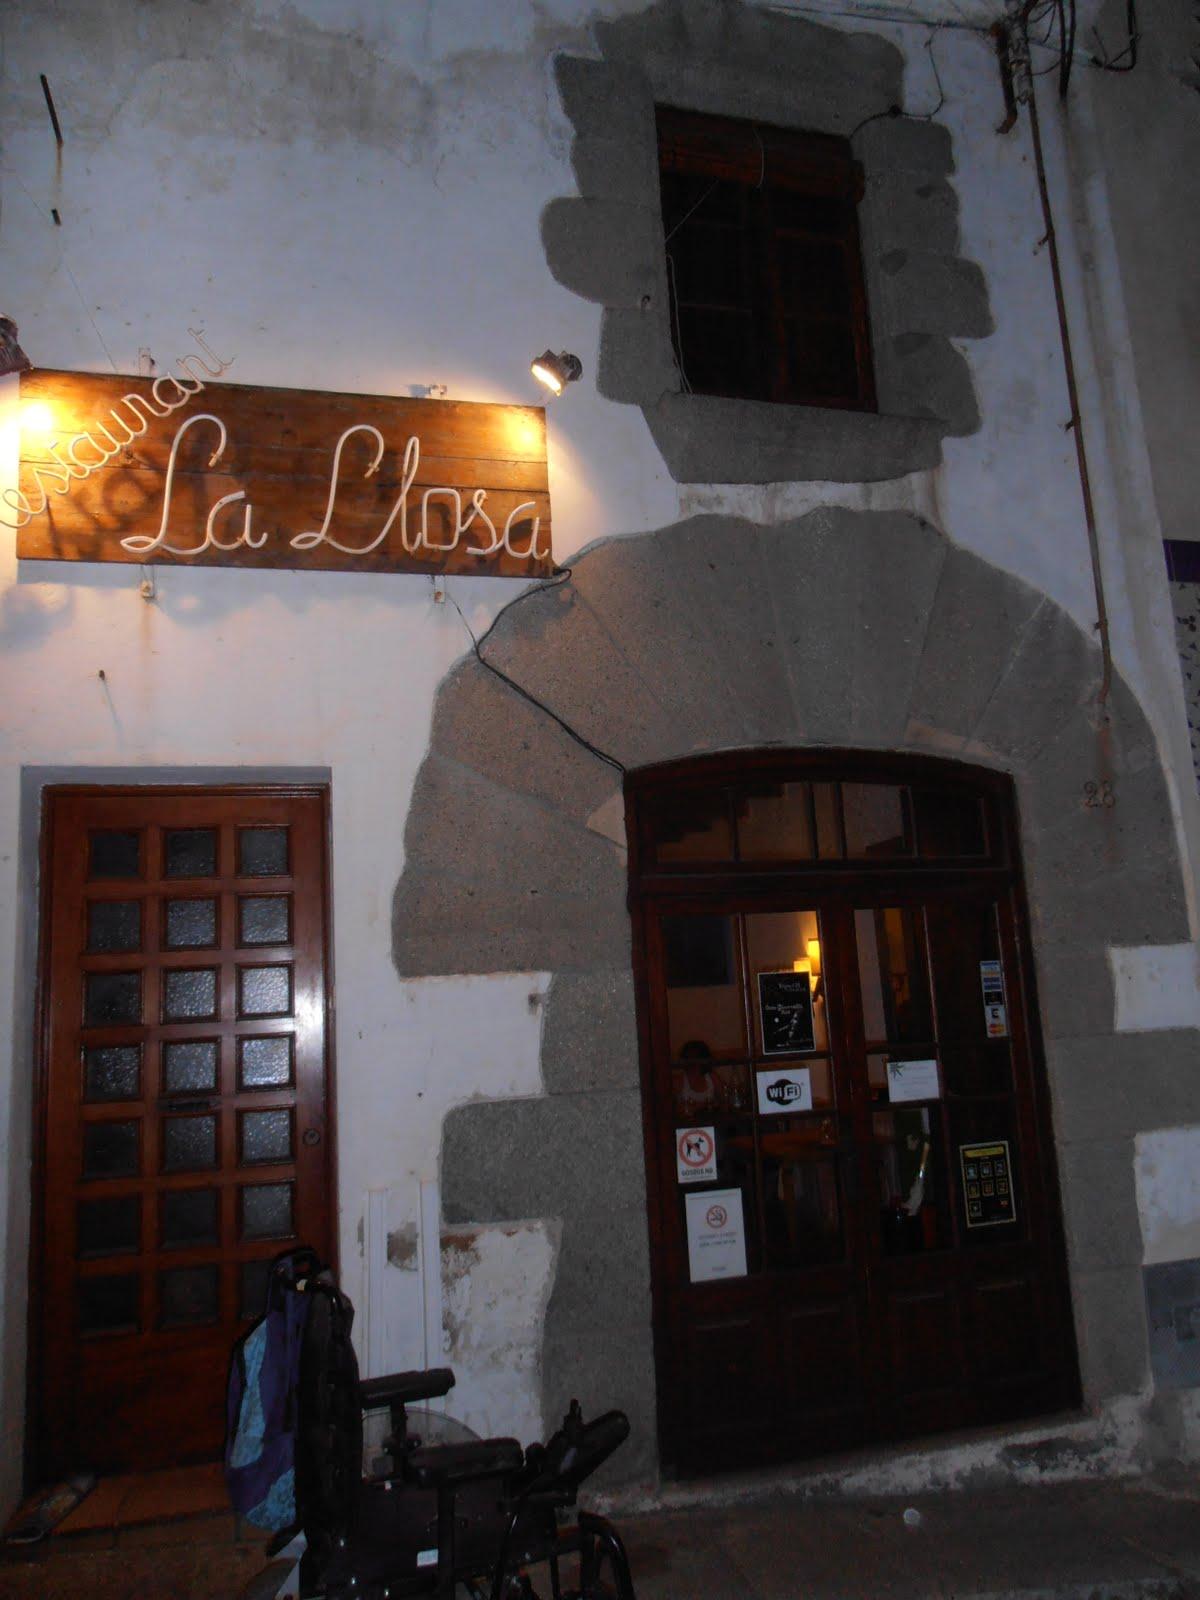 Talleres  Retiros Y  Creceviajando Flyingbroom  La Llosa - Sant Pol De Mar